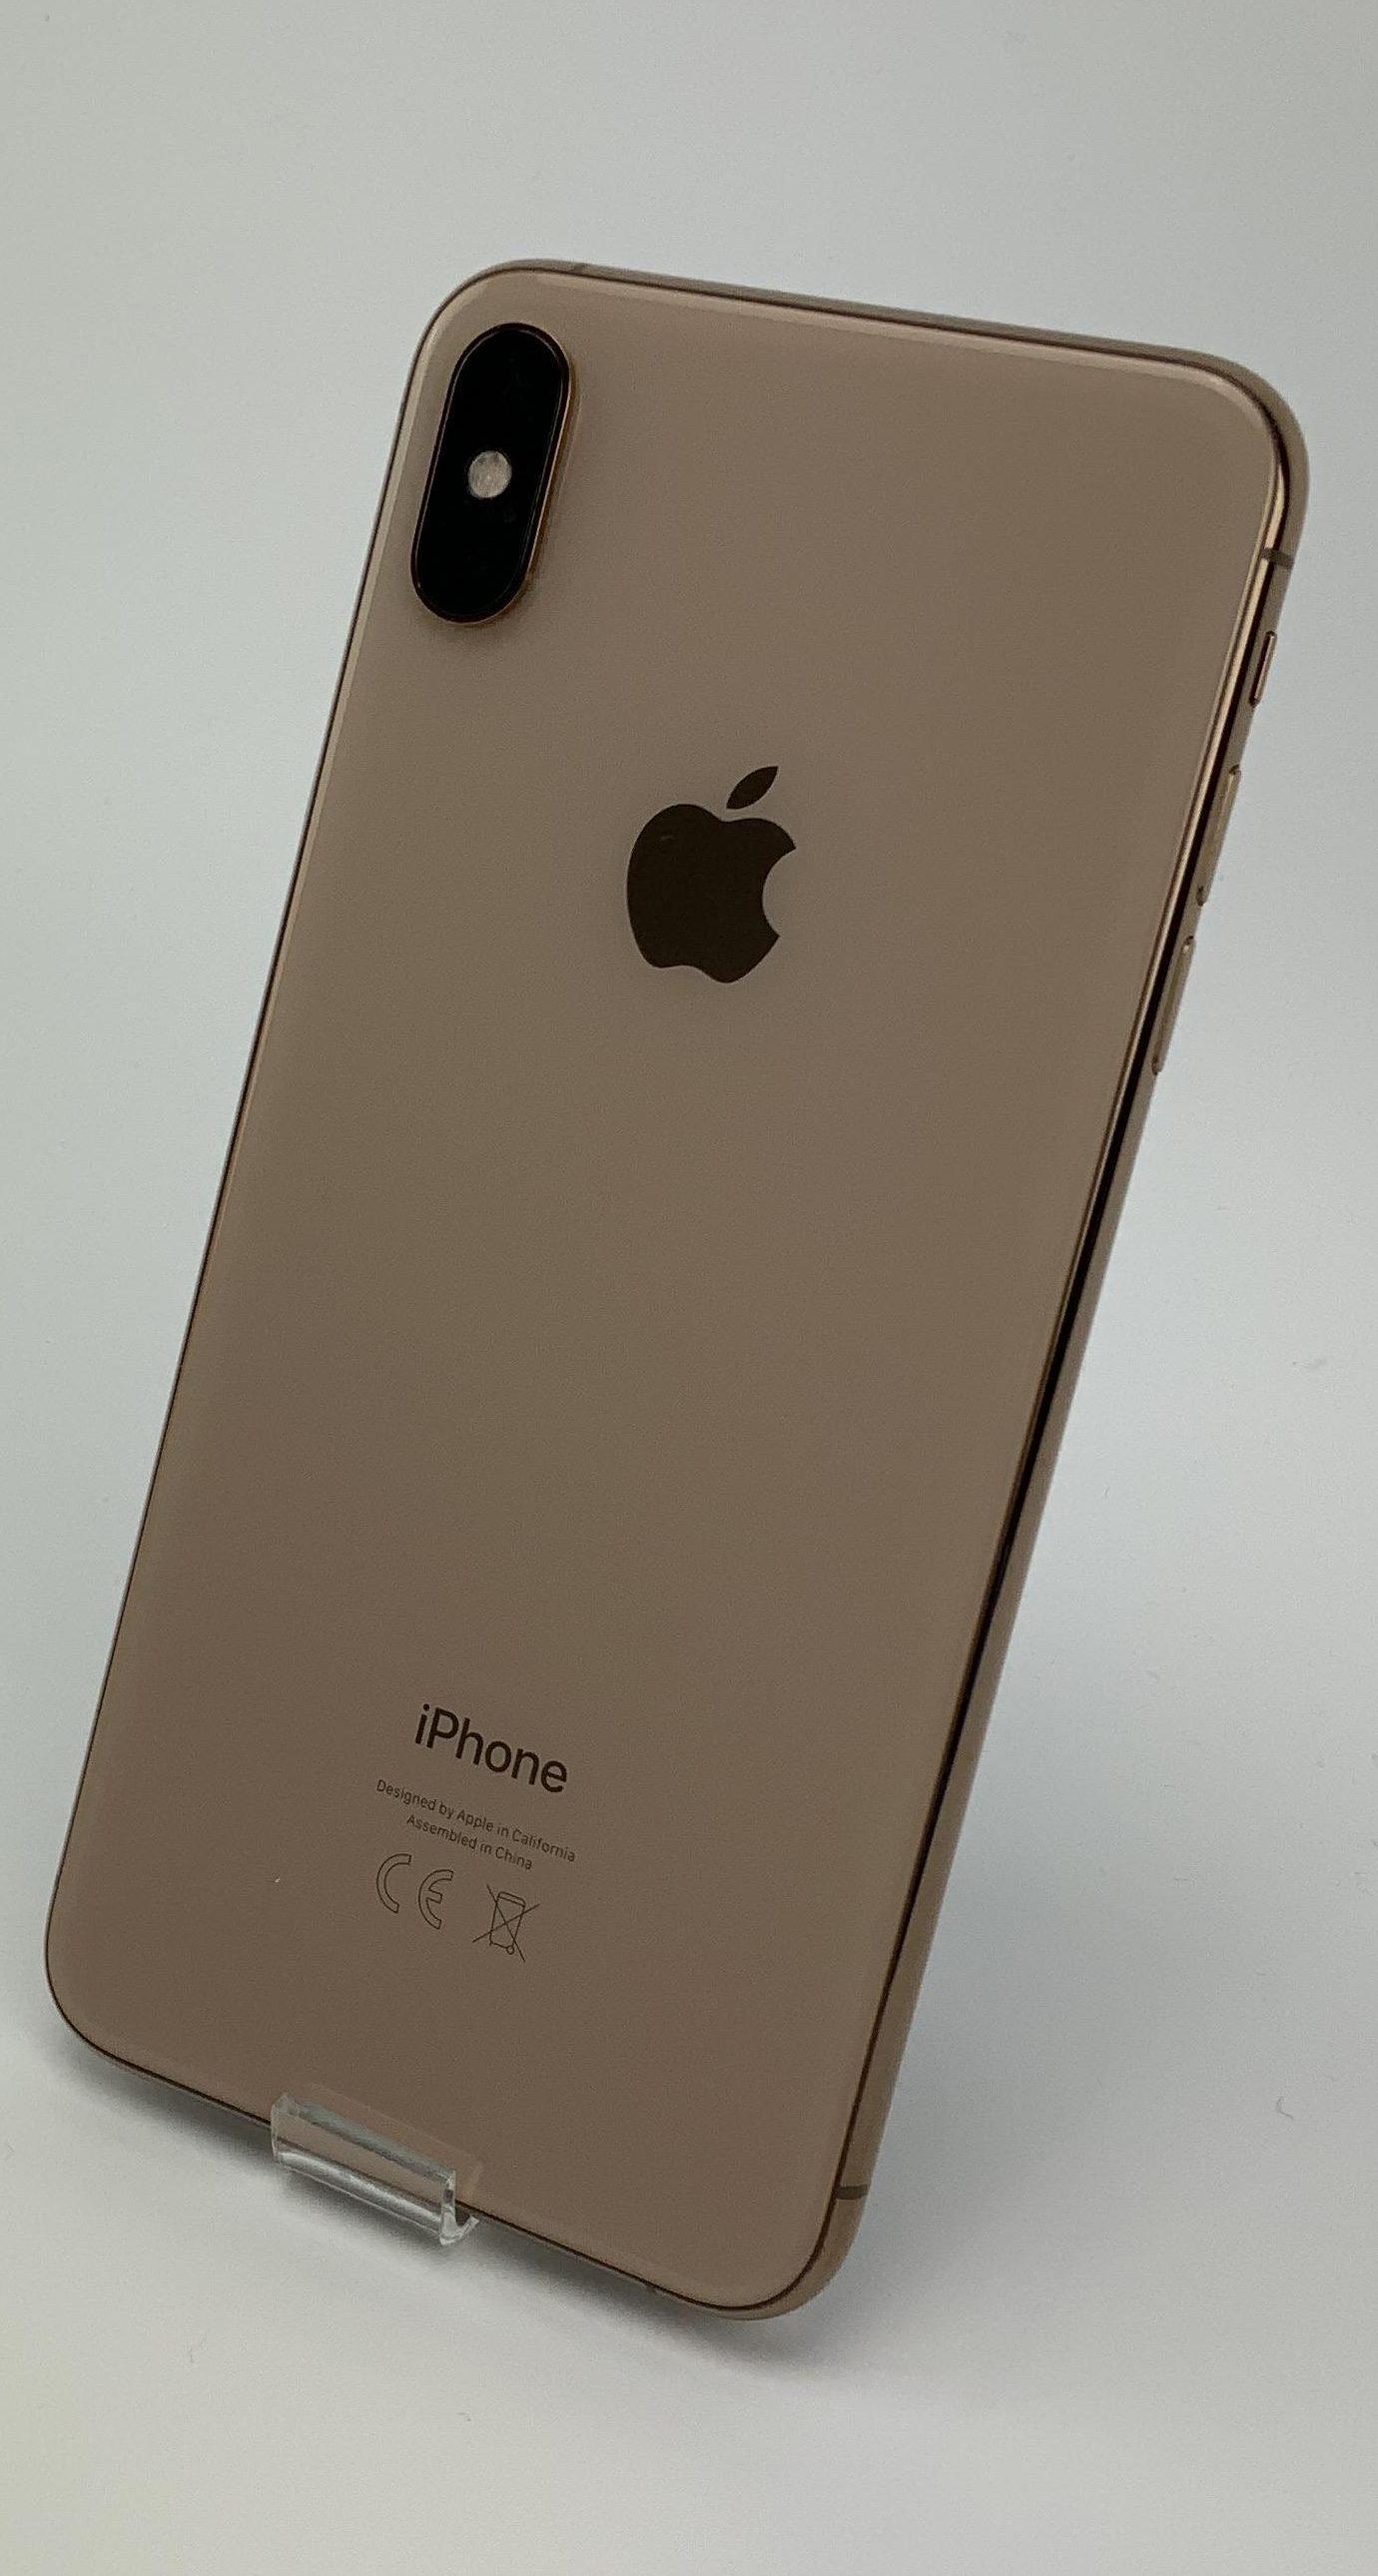 iPhone XS Max 256GB, 256GB, Gold, bild 2